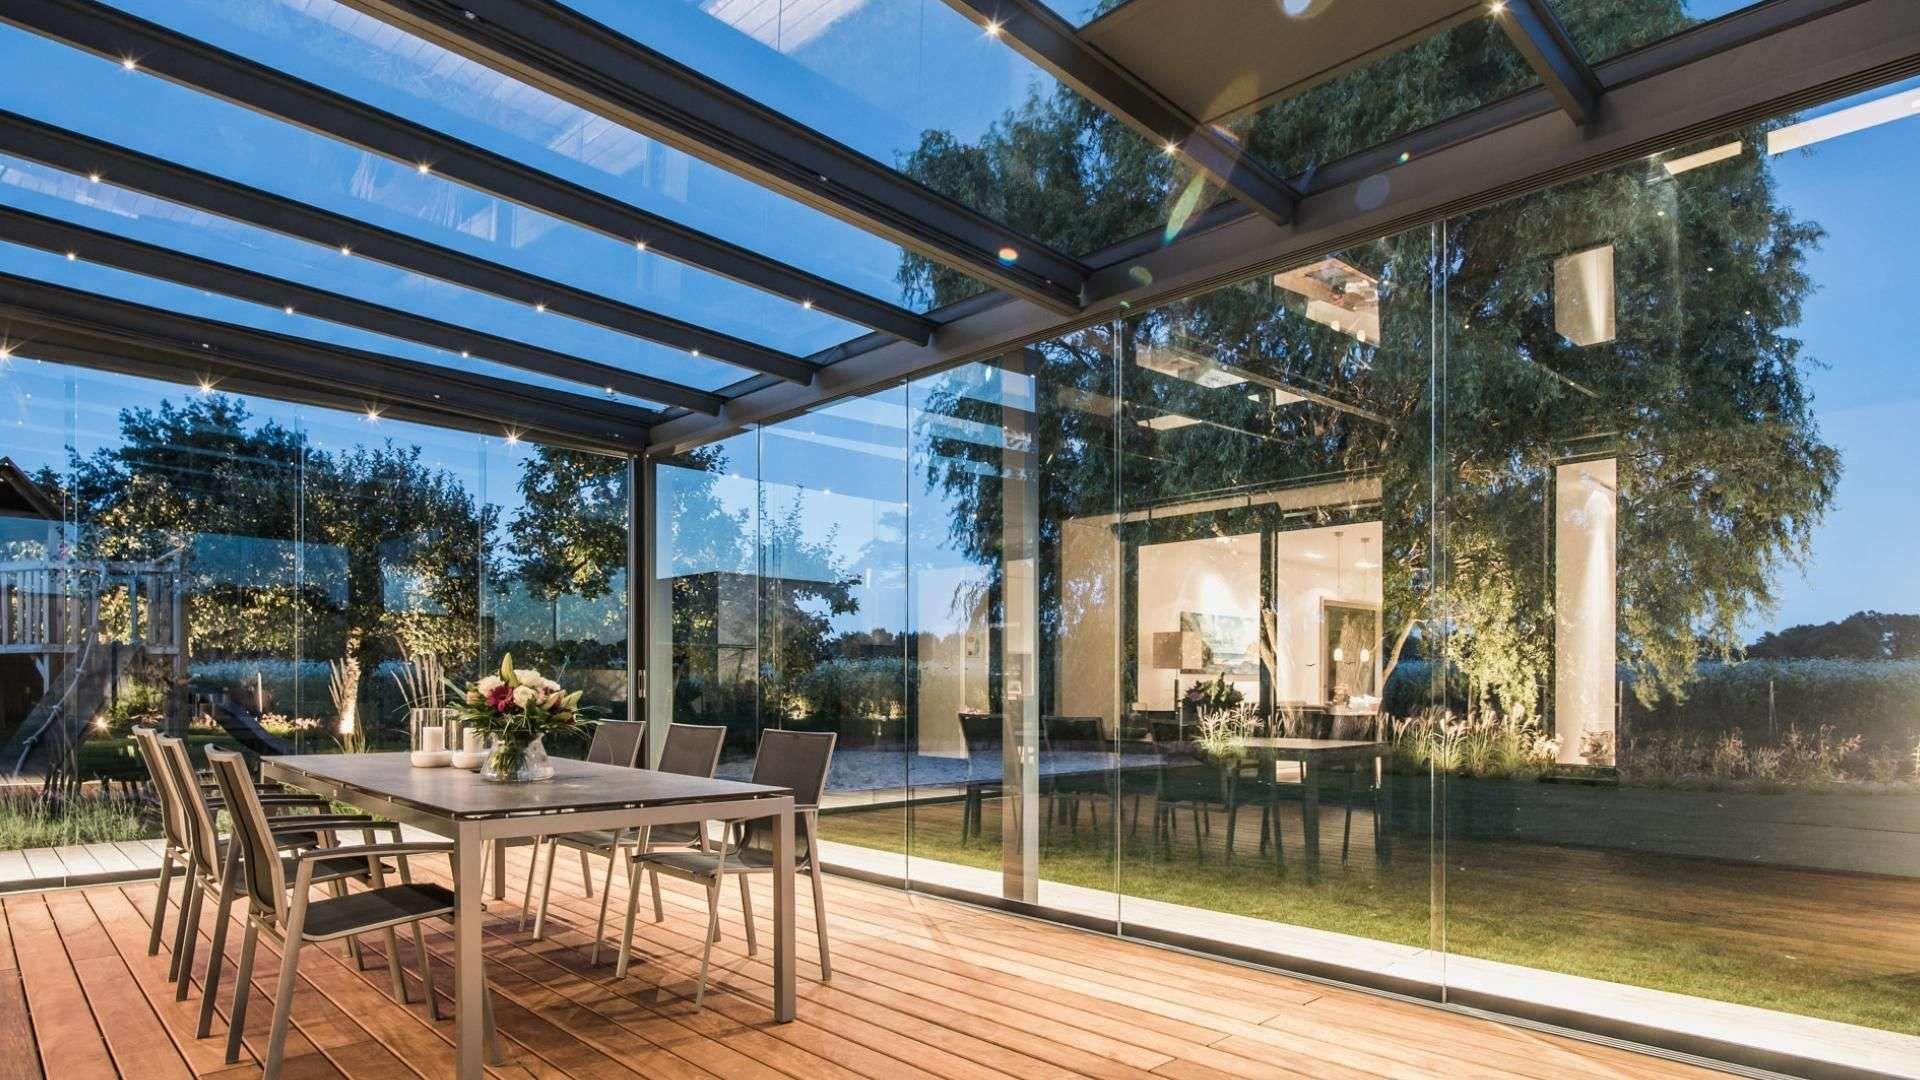 Innensicht eines Solarlux SDL Acubis Terrassendachs mit Esstisch